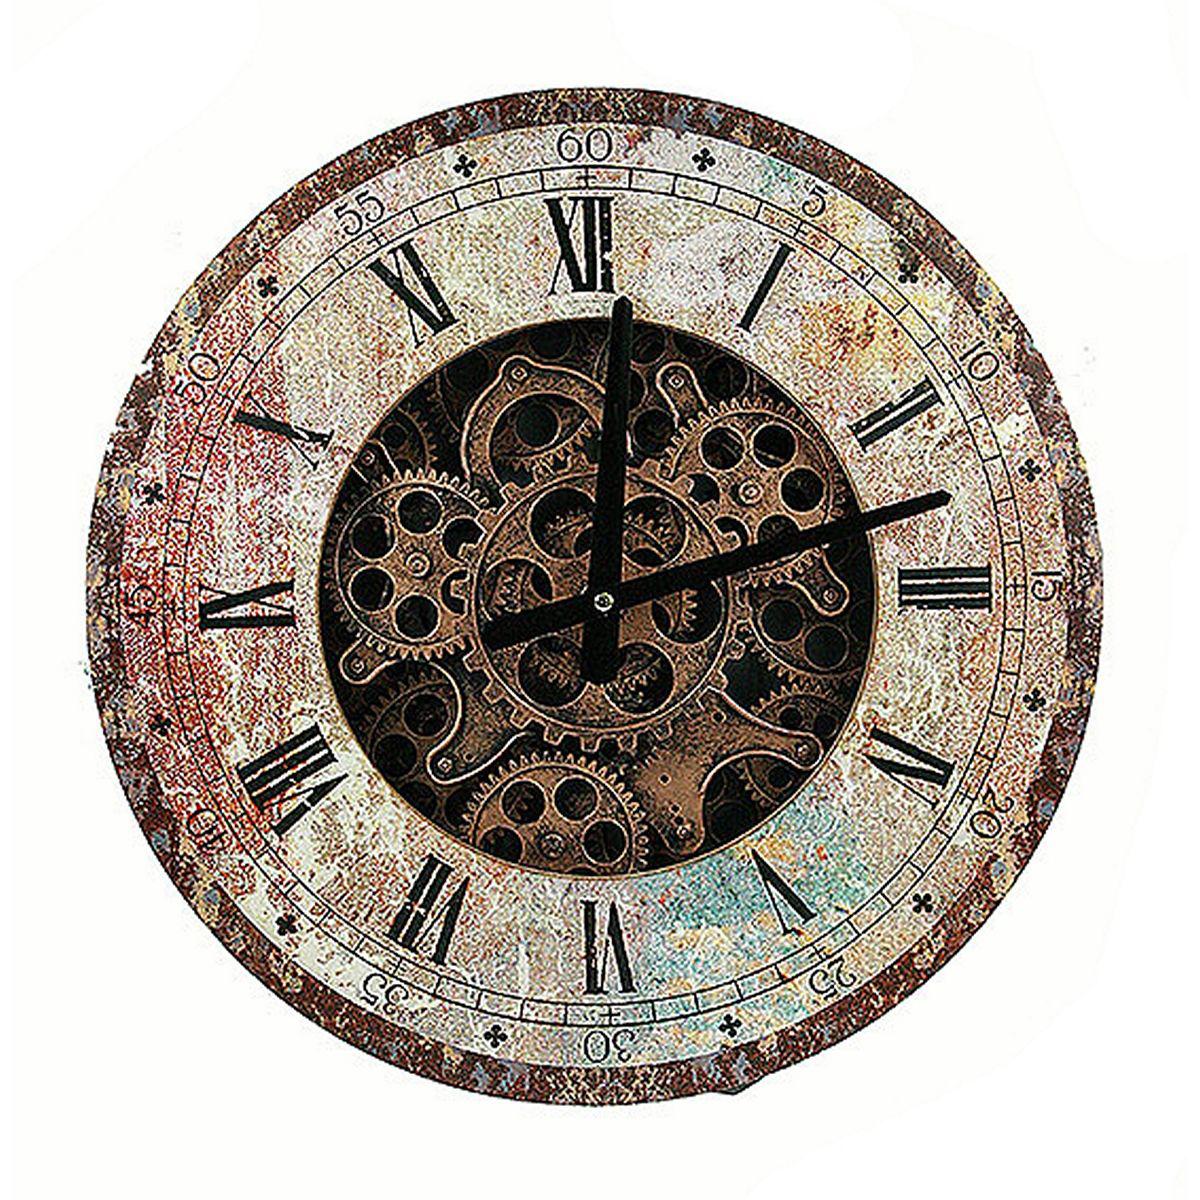 Часы настенные Русские Подарки, 40 х 40 х 7 см. 3478734787Настенные кварцевые часы Русские Подарки изготовлены из МДФ. Корпус оформлен изображением больших и маленьких шестеренок часового механизма. Часы имеют три стрелки - часовую, минутную и секундную. С обратной стороны имеется петелька для подвешивания на стену. Изящные часы красиво и оригинально оформят интерьер дома или офиса. Также часы могут стать уникальным, полезным подарком для родственников, коллег, знакомых и близких.